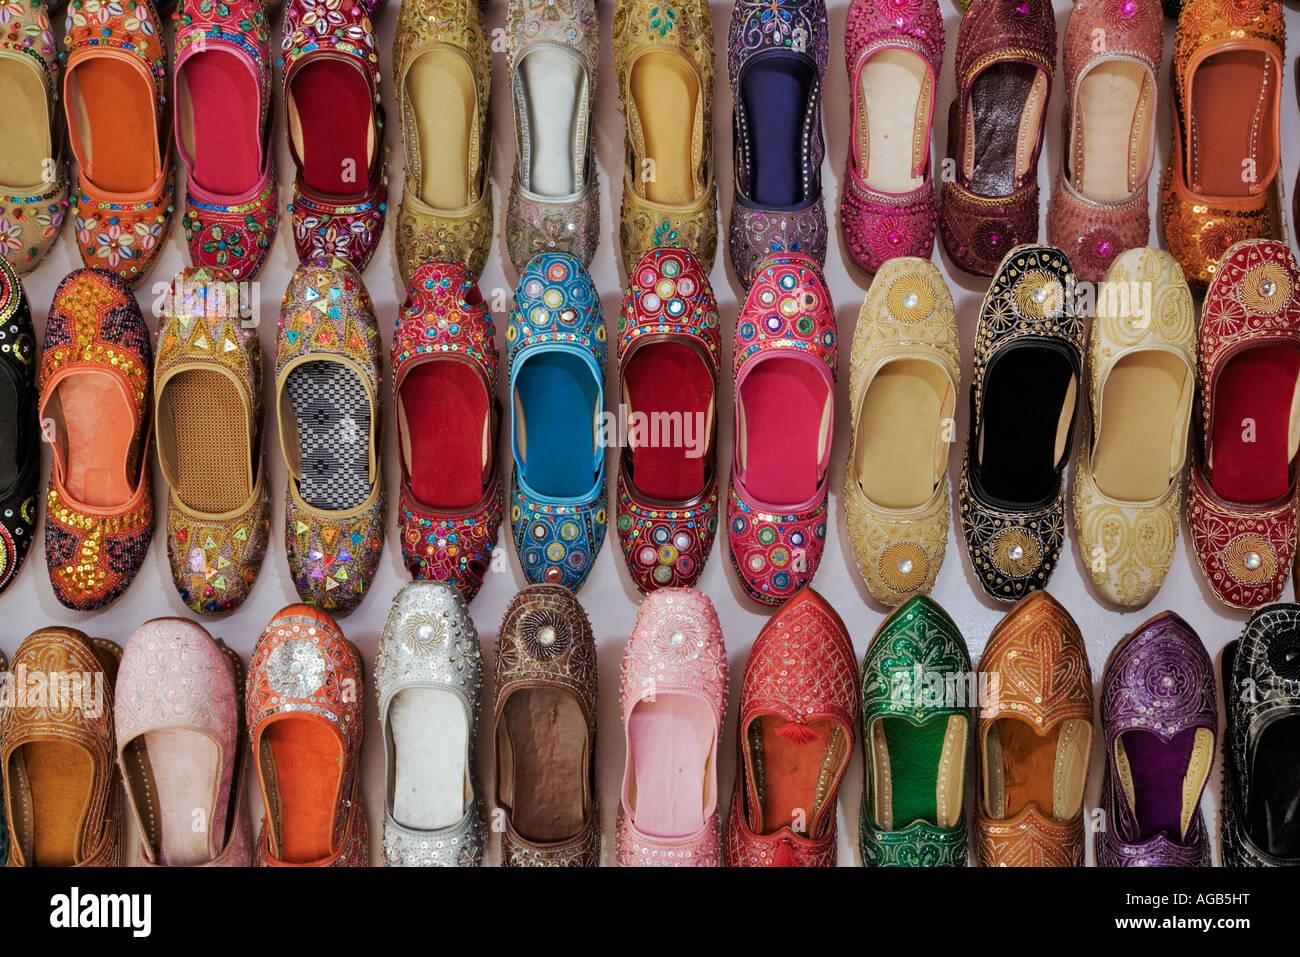 Visualización de coloridos zapatos tradicionales en un puesto en el mercado de la India Imagen De Stock